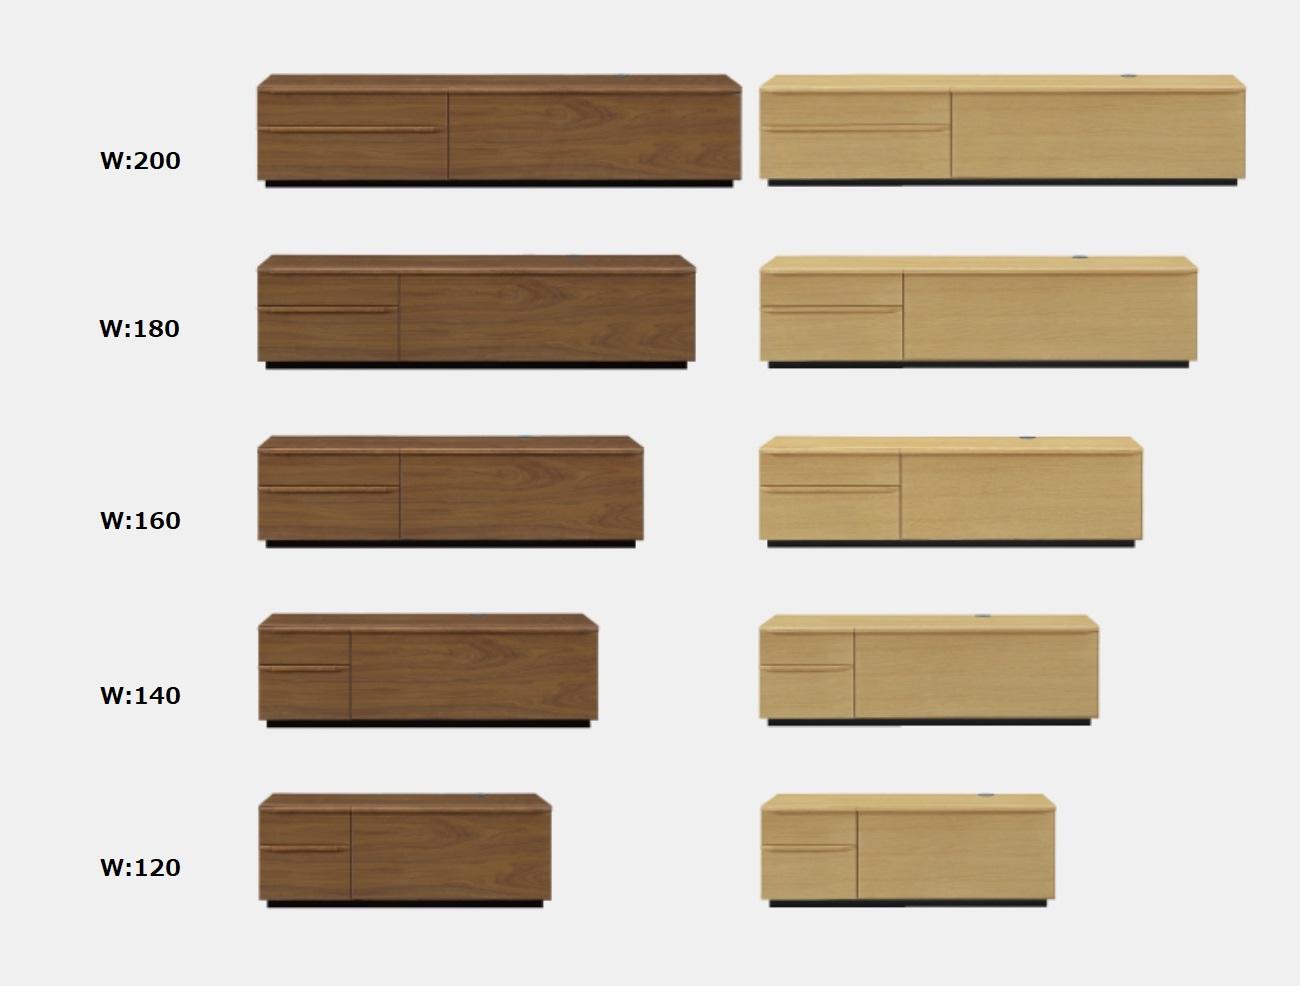 テレビボード,テレビ台,AVボード,TV board,TVボード,ウォールナット材,オーク材